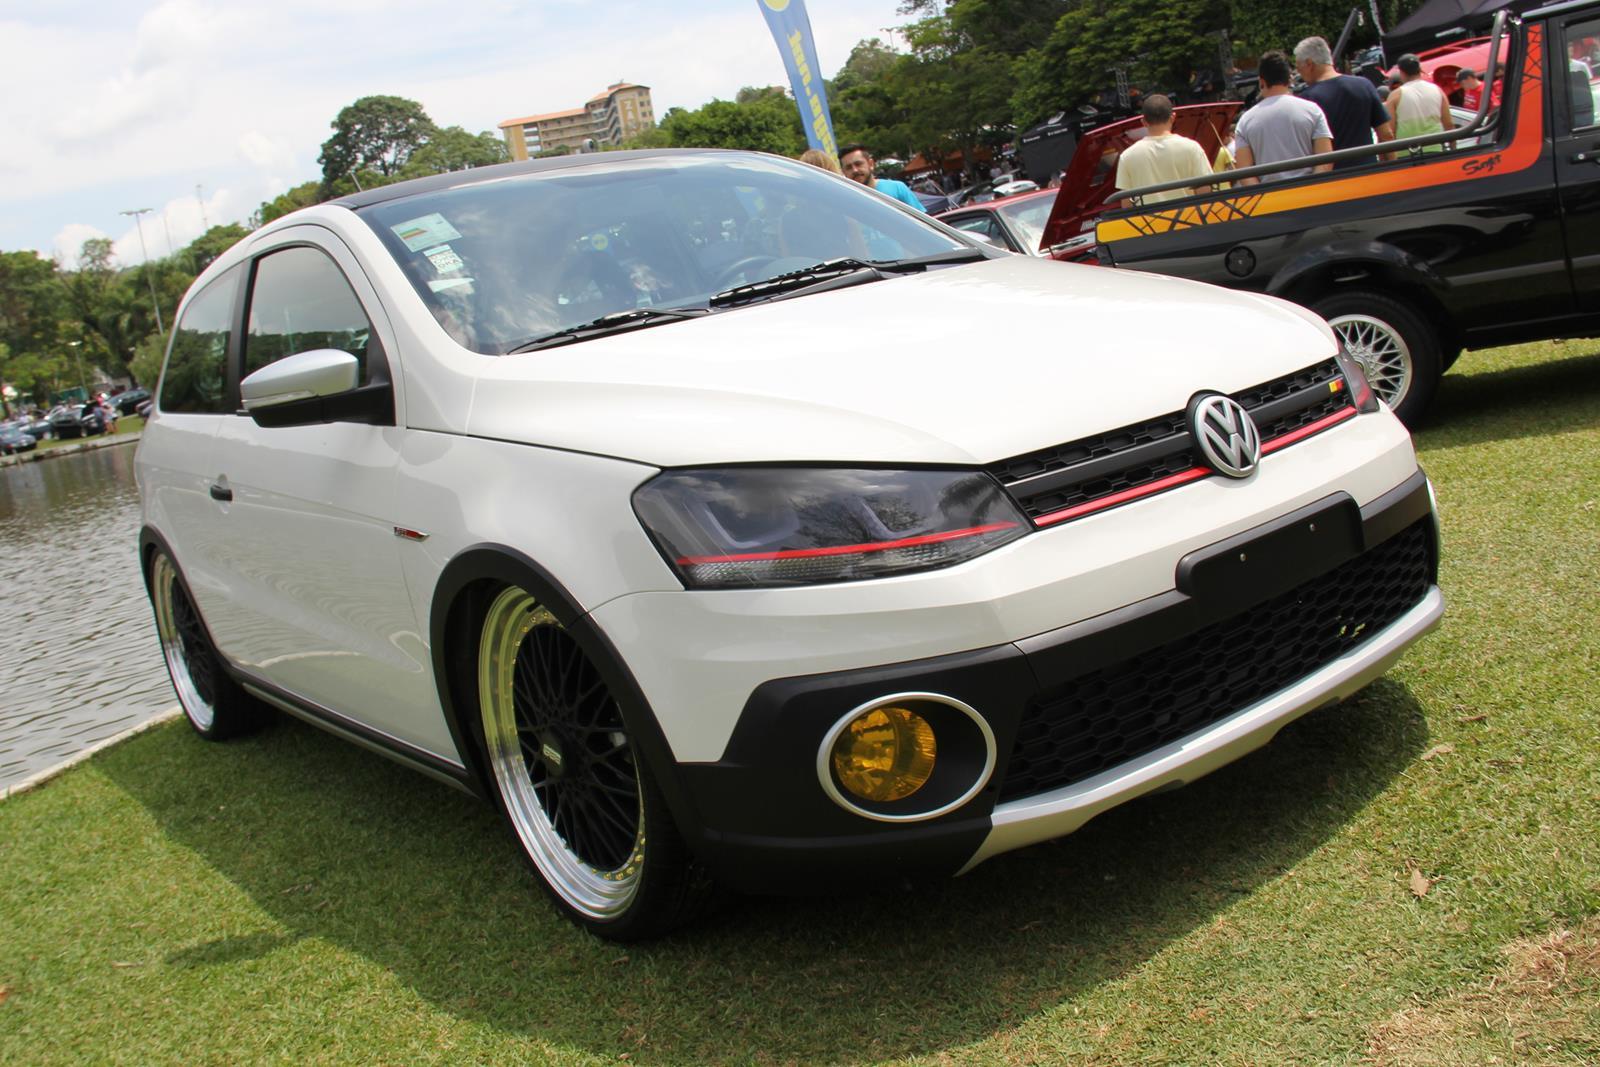 Proposto como um novo Gol GTI, este carro tinha detalhes inspirados no Golf GTI, como os faróis com friso vermelho